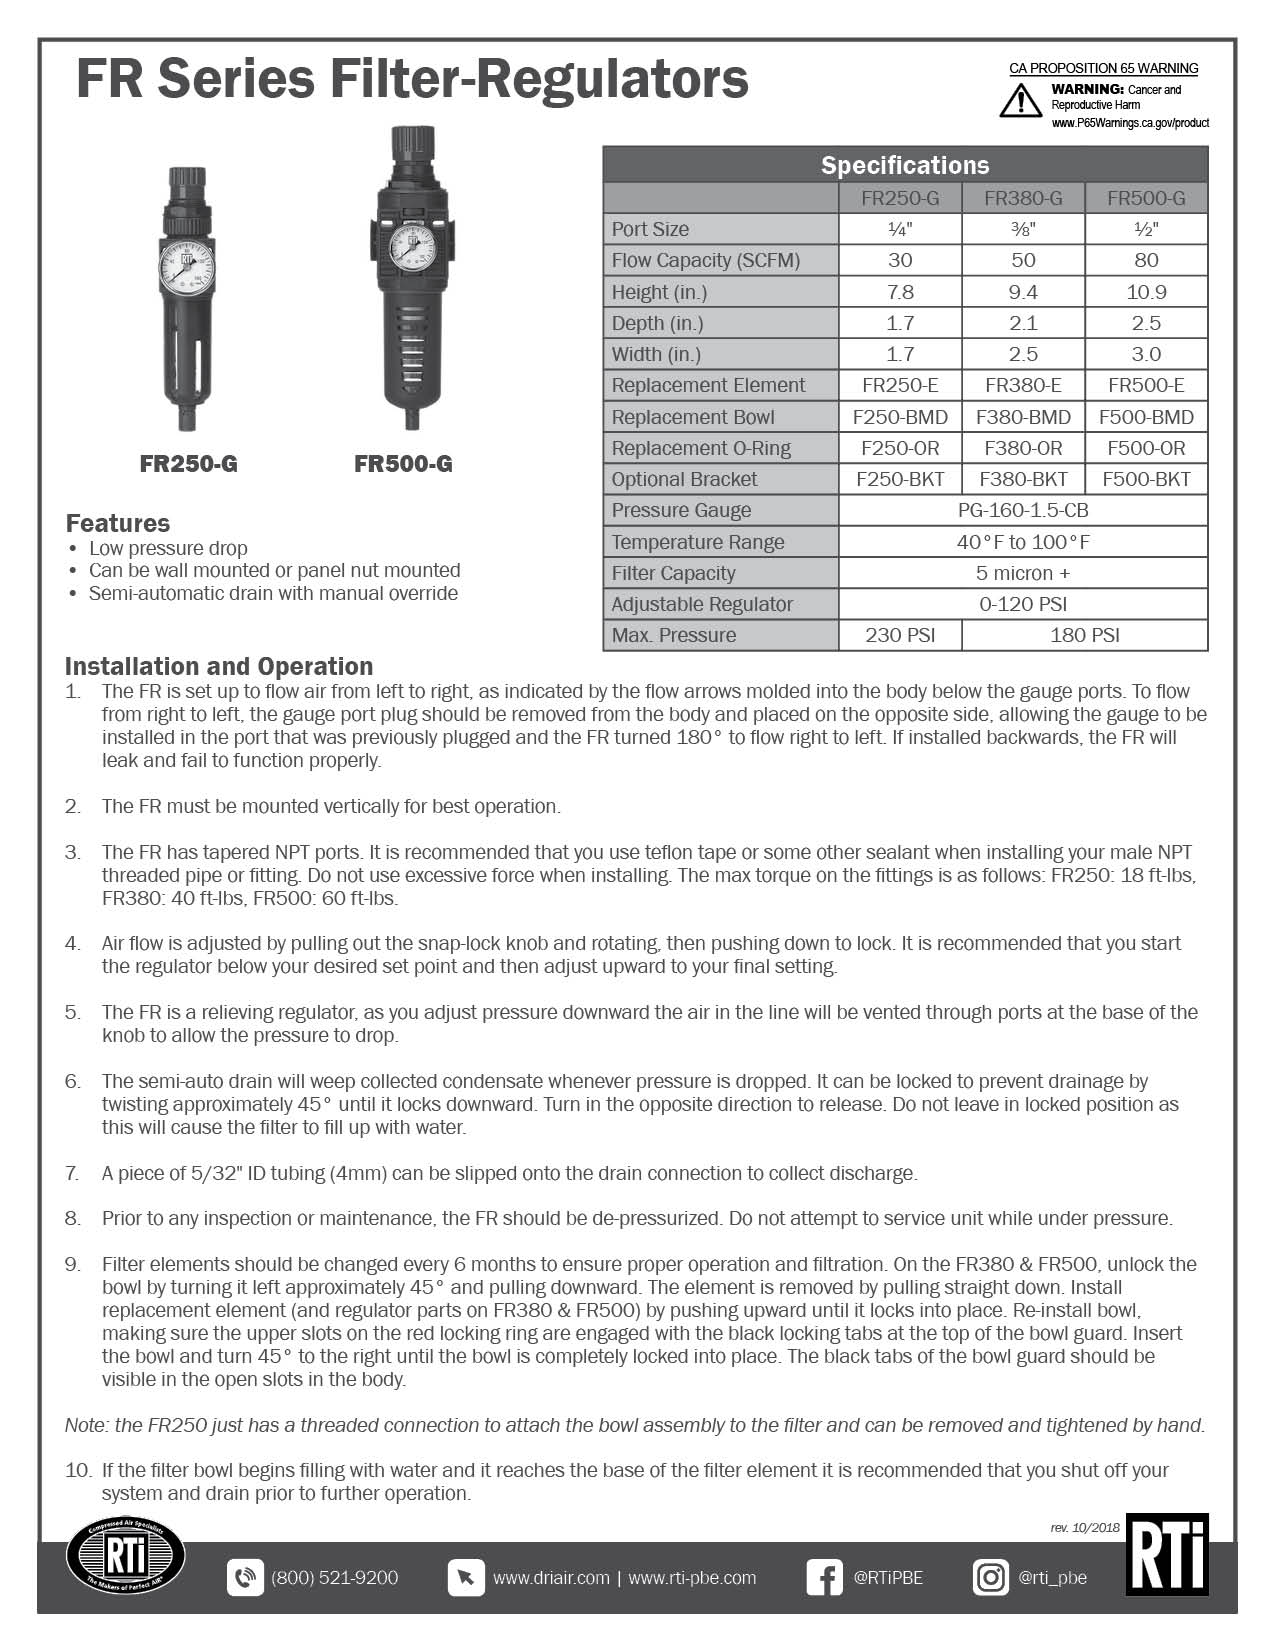 FR Series Service Sheet